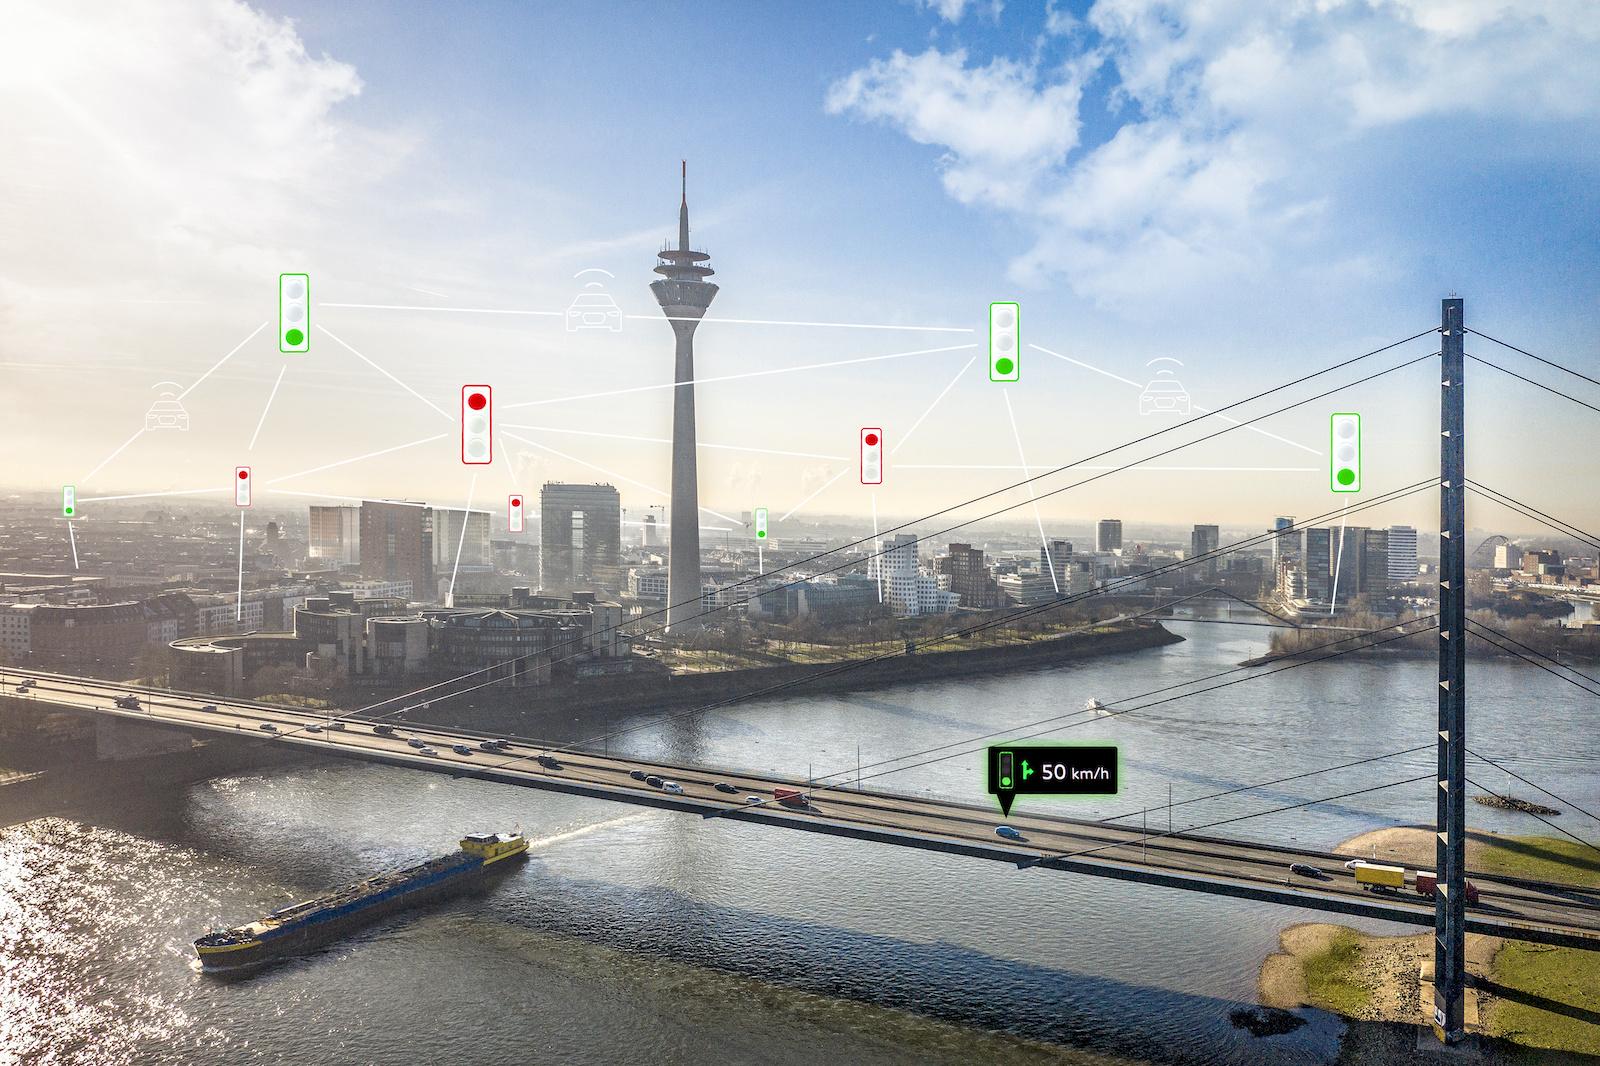 Vehicle-to-Infrastructure-Dienste (V2I) – hier ein Ampel-Informationssystem in Düsseldorf (D), das Audis seit Anfang 2020 die Ampelfarbe meldet – sollen es autonom fahrenden Autos einfacher machen. (AUDI)